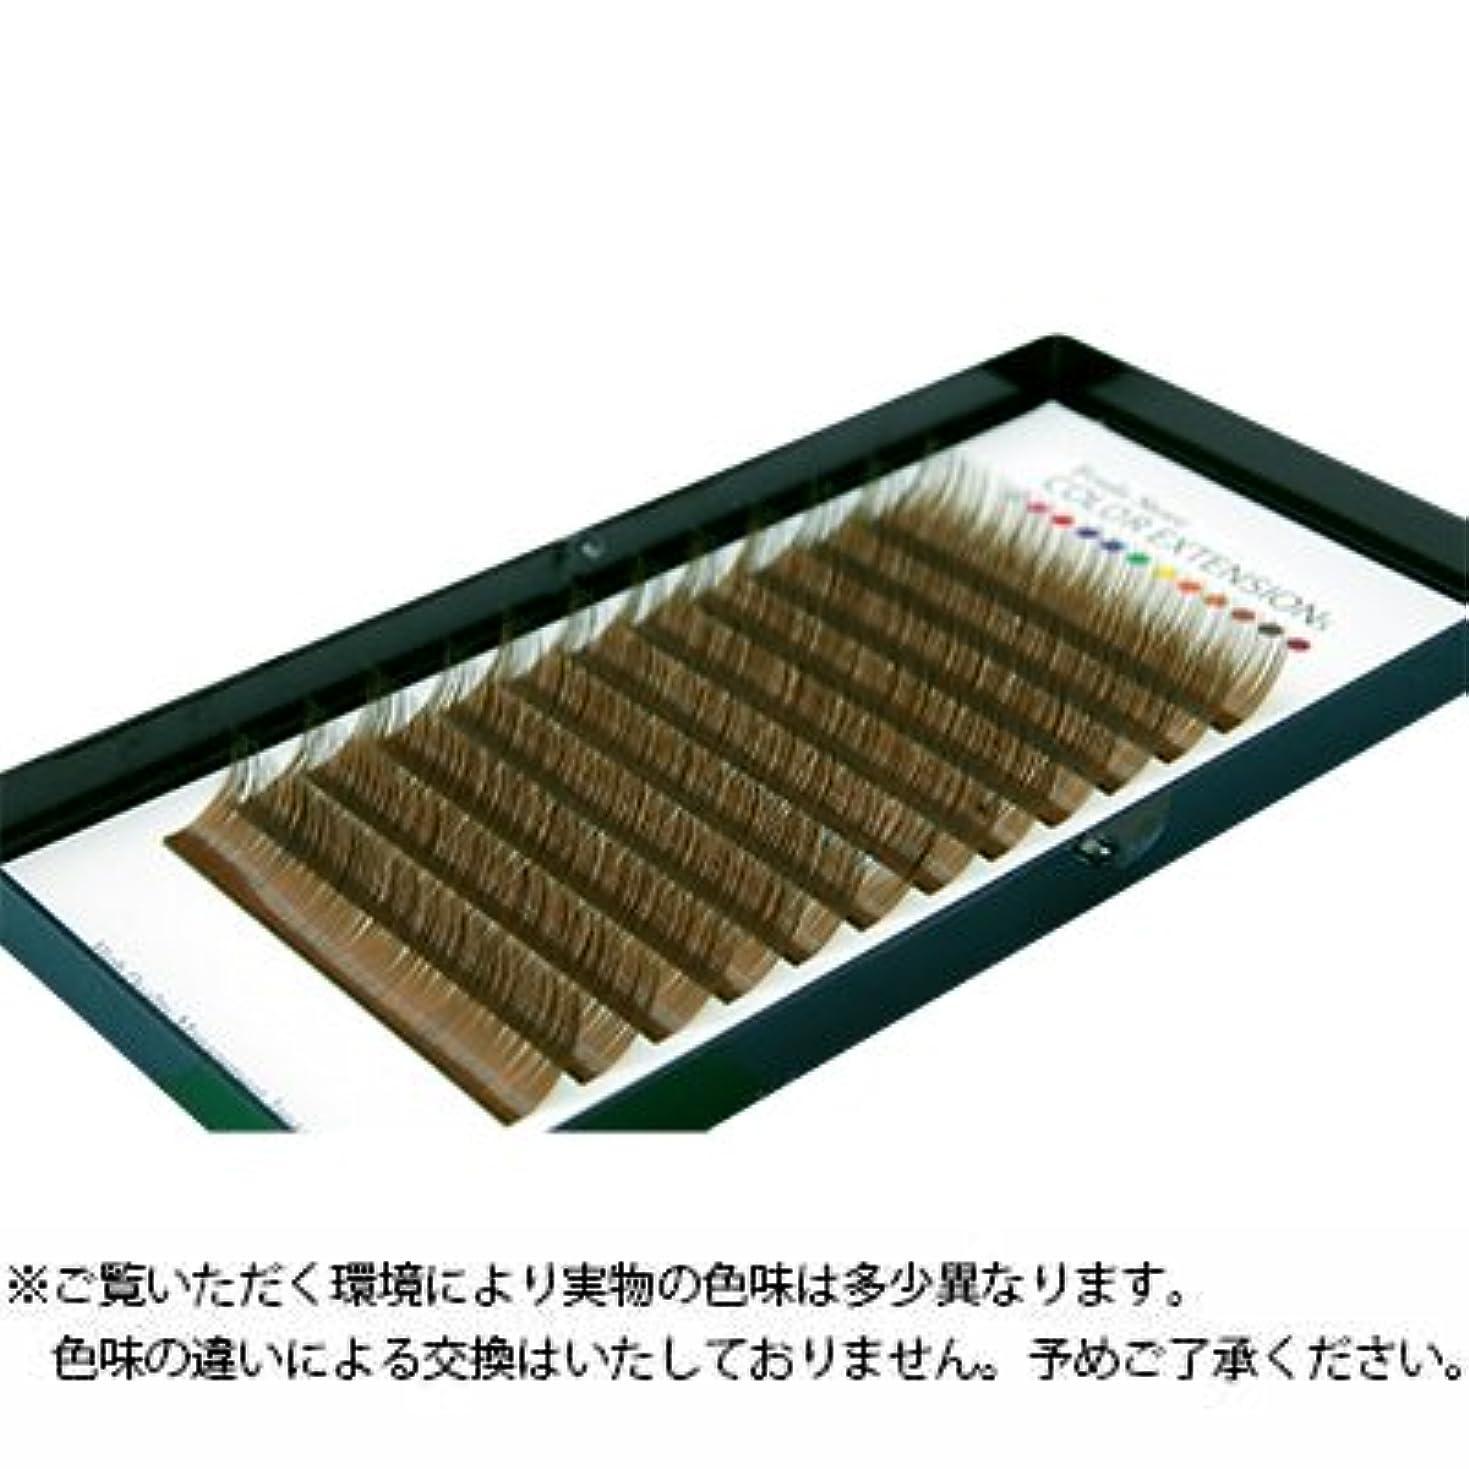 純粋な脱獄ポンプ【Foula】カラーボリュームアップラッシュ 12列シート カーキブラウン Cカール 0.06mm×12mm